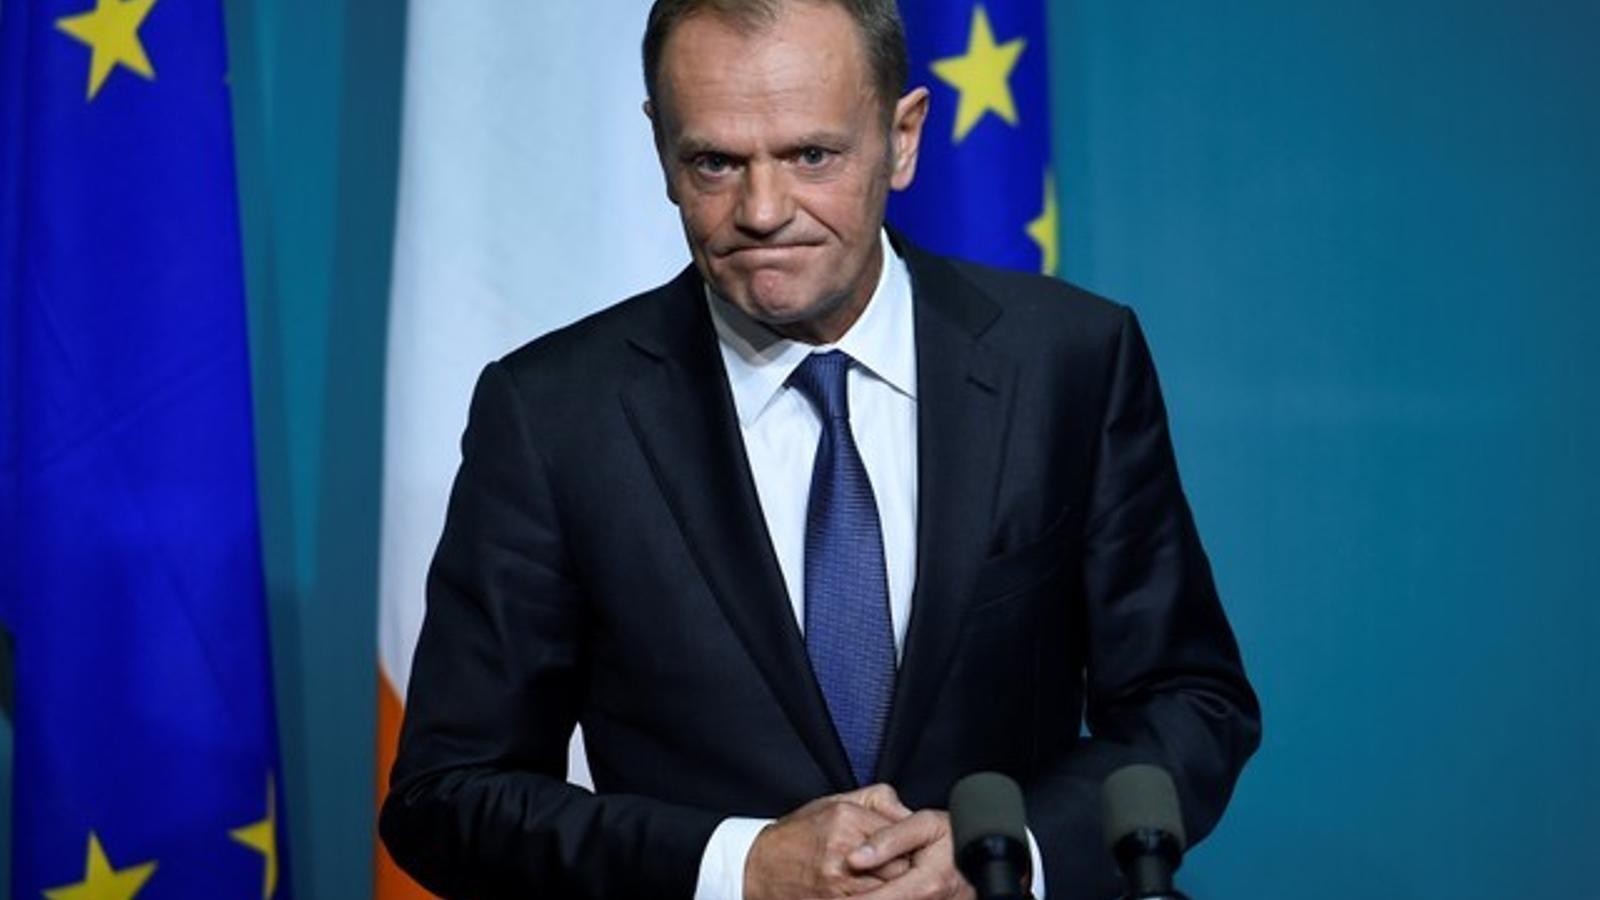 """Tusk demana als socis europeus """"unitat"""" davant les reformes econòmiques i d'immigració"""